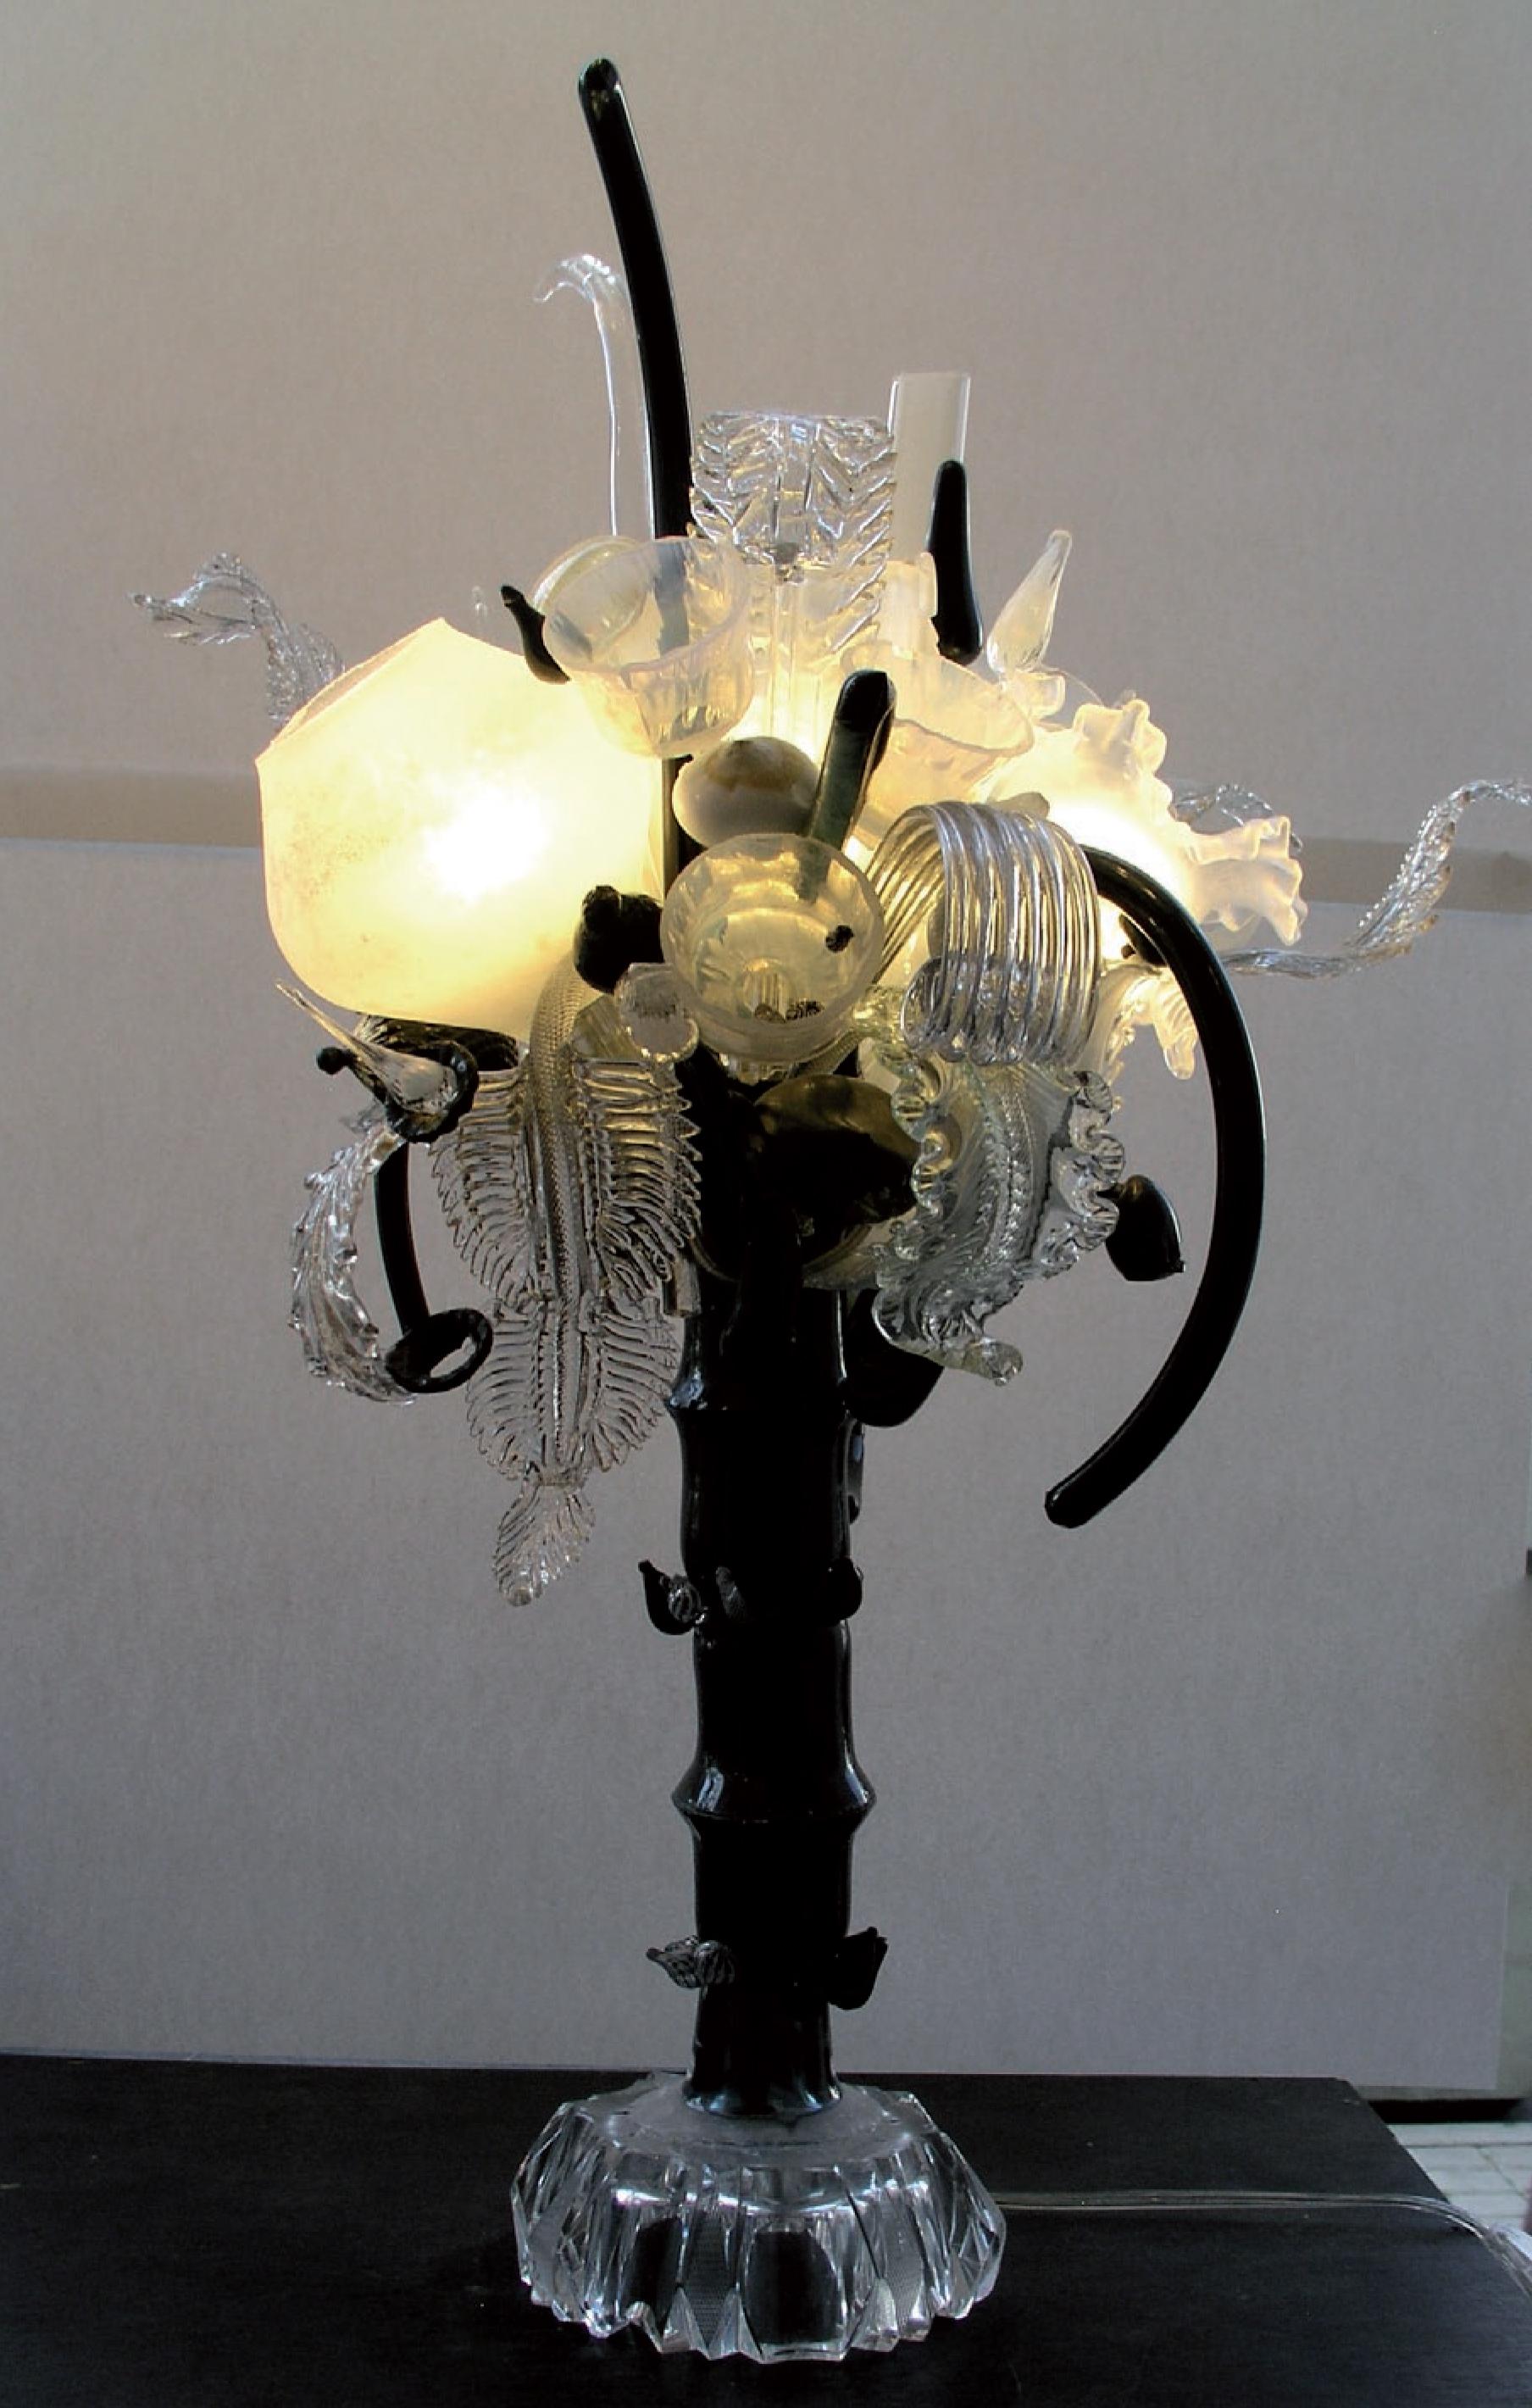 lampe_sculpture_blanche_et_noire